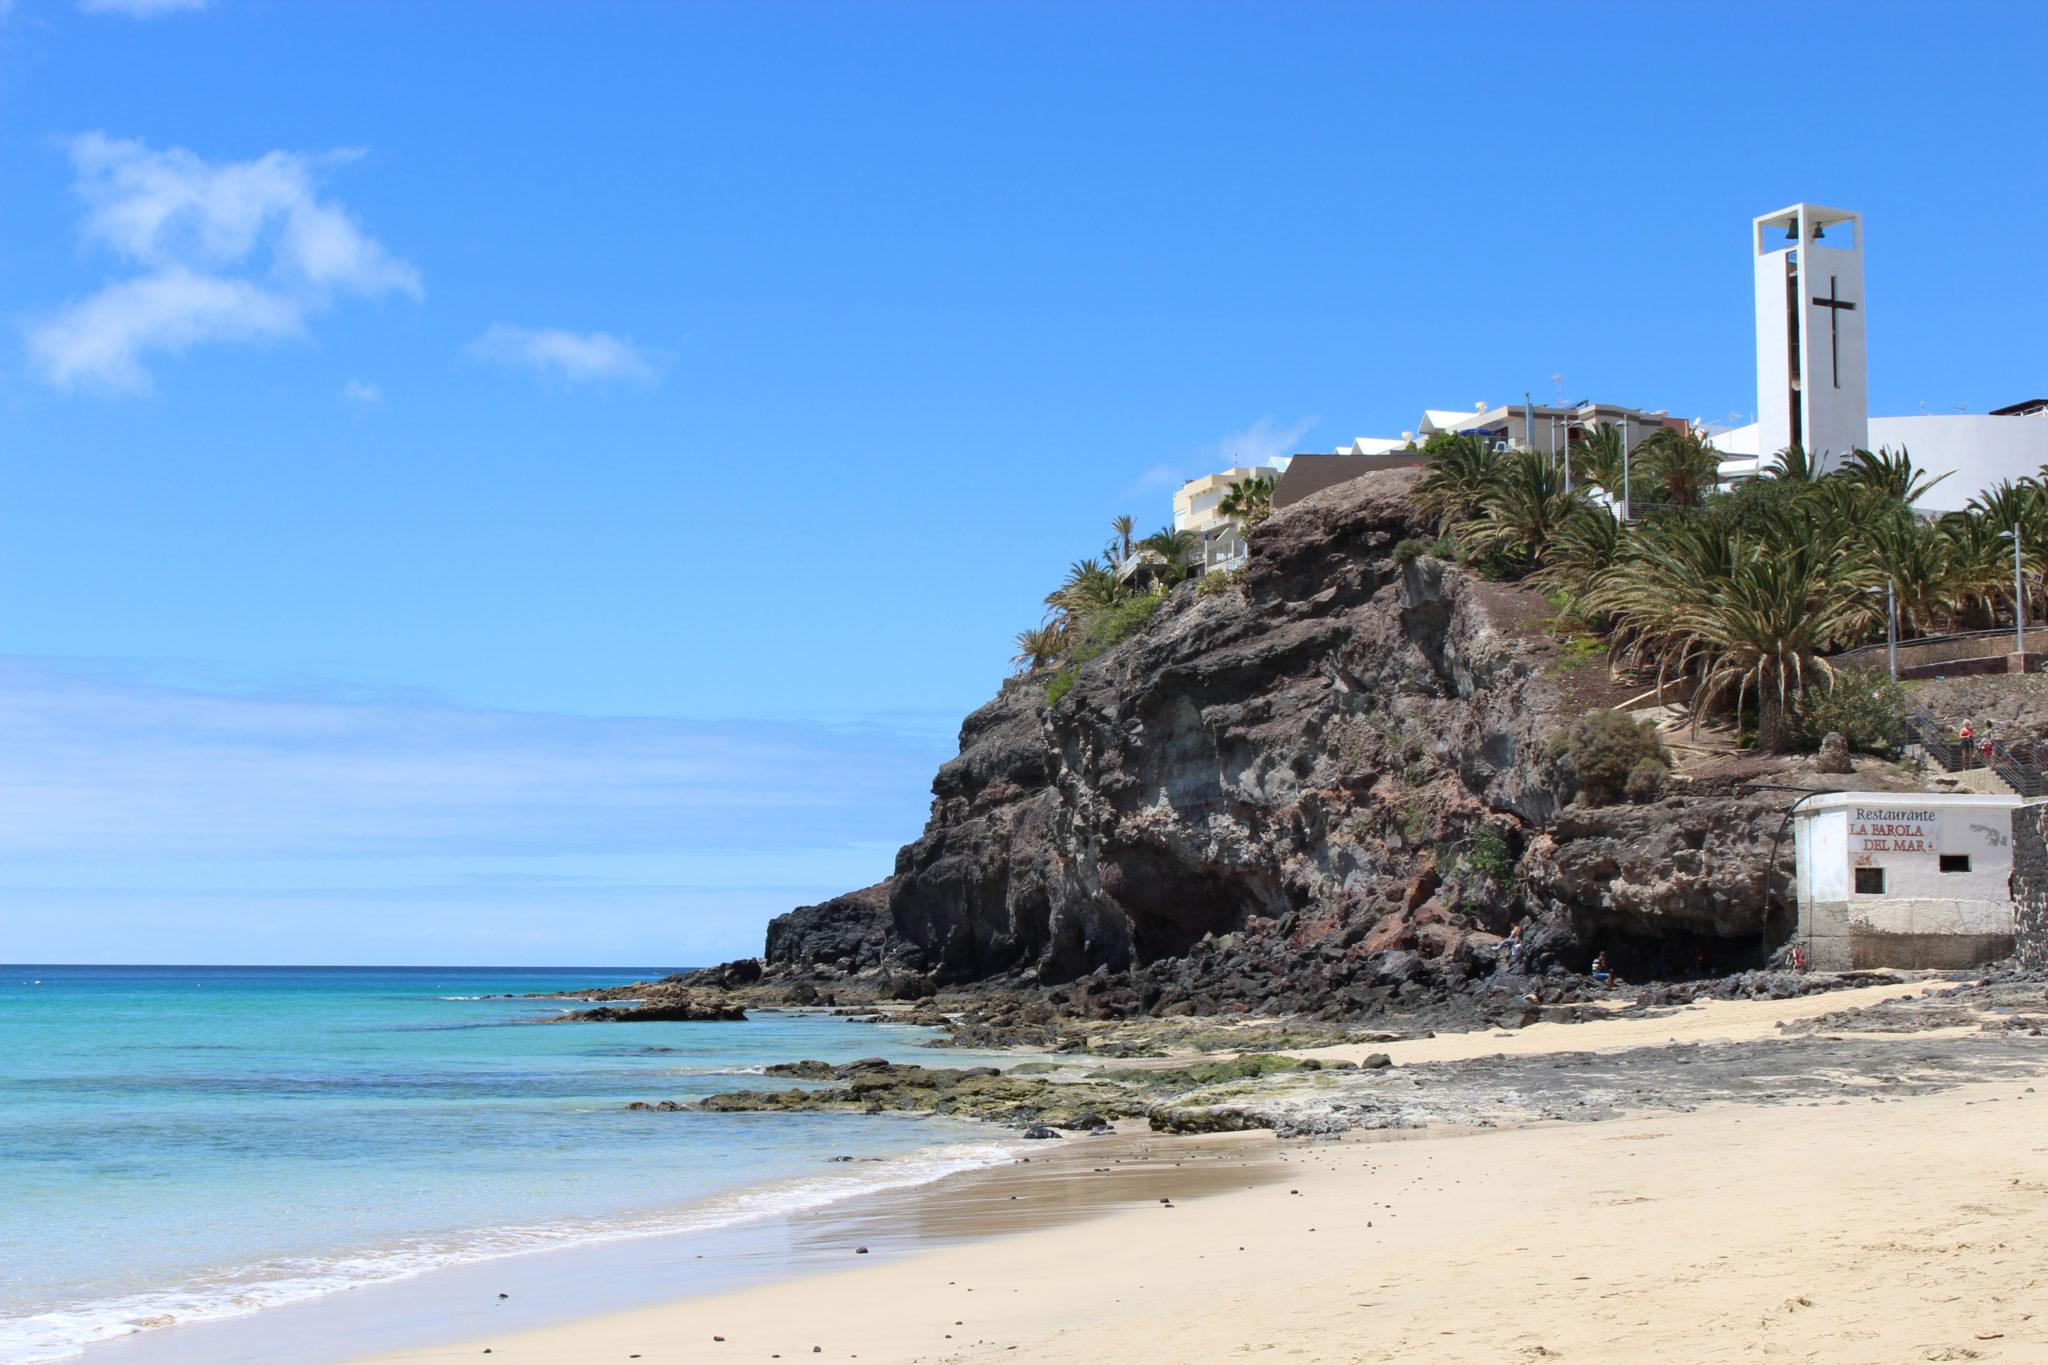 Malownicza skała, zamykająca plażę w Morro Jable.